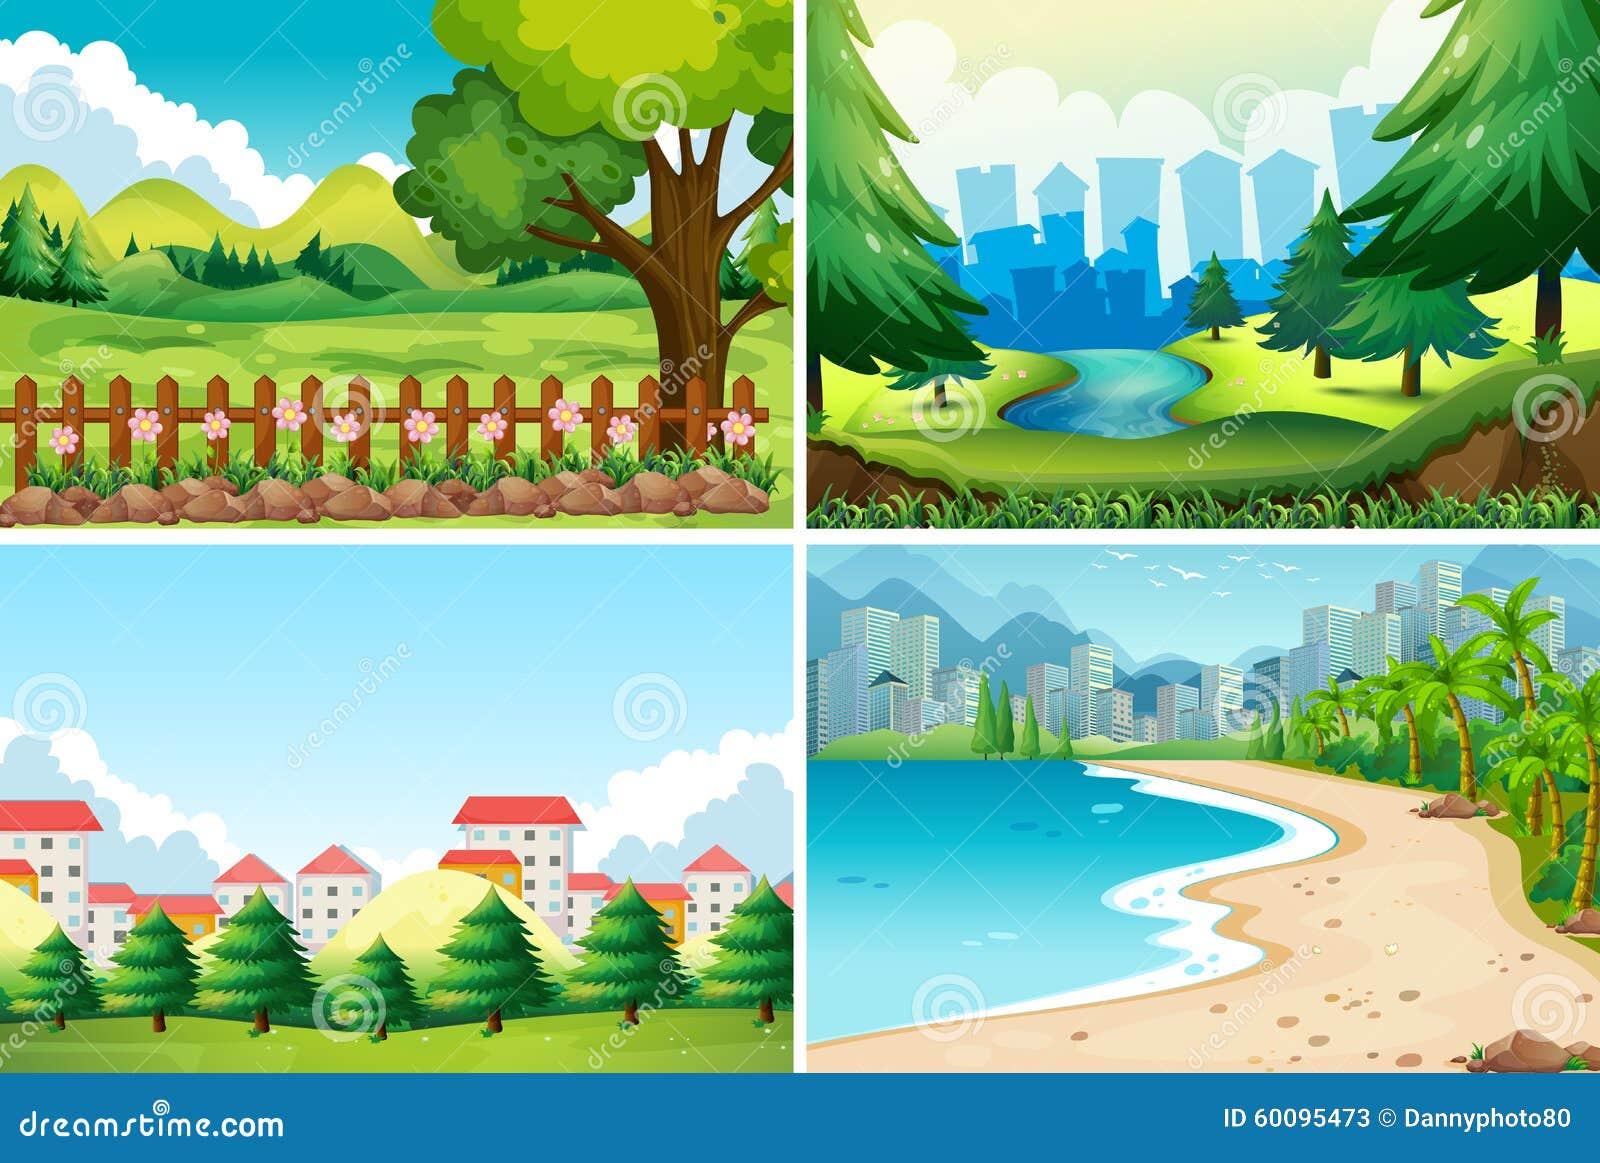 Cena de quatro naturezas no dia